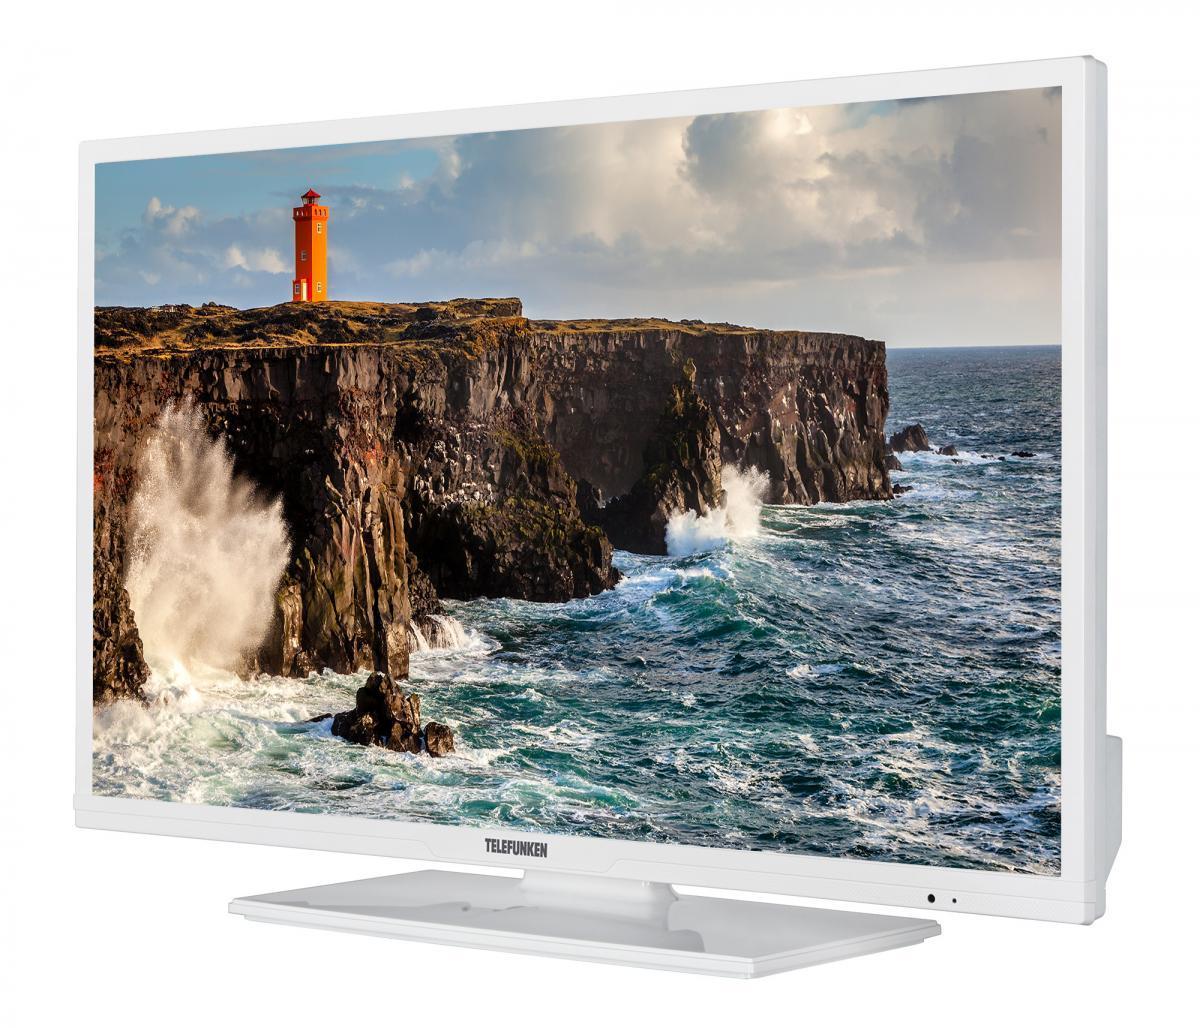 """Bild 3 von Telefunken LED TV 32"""" (81 cm)"""